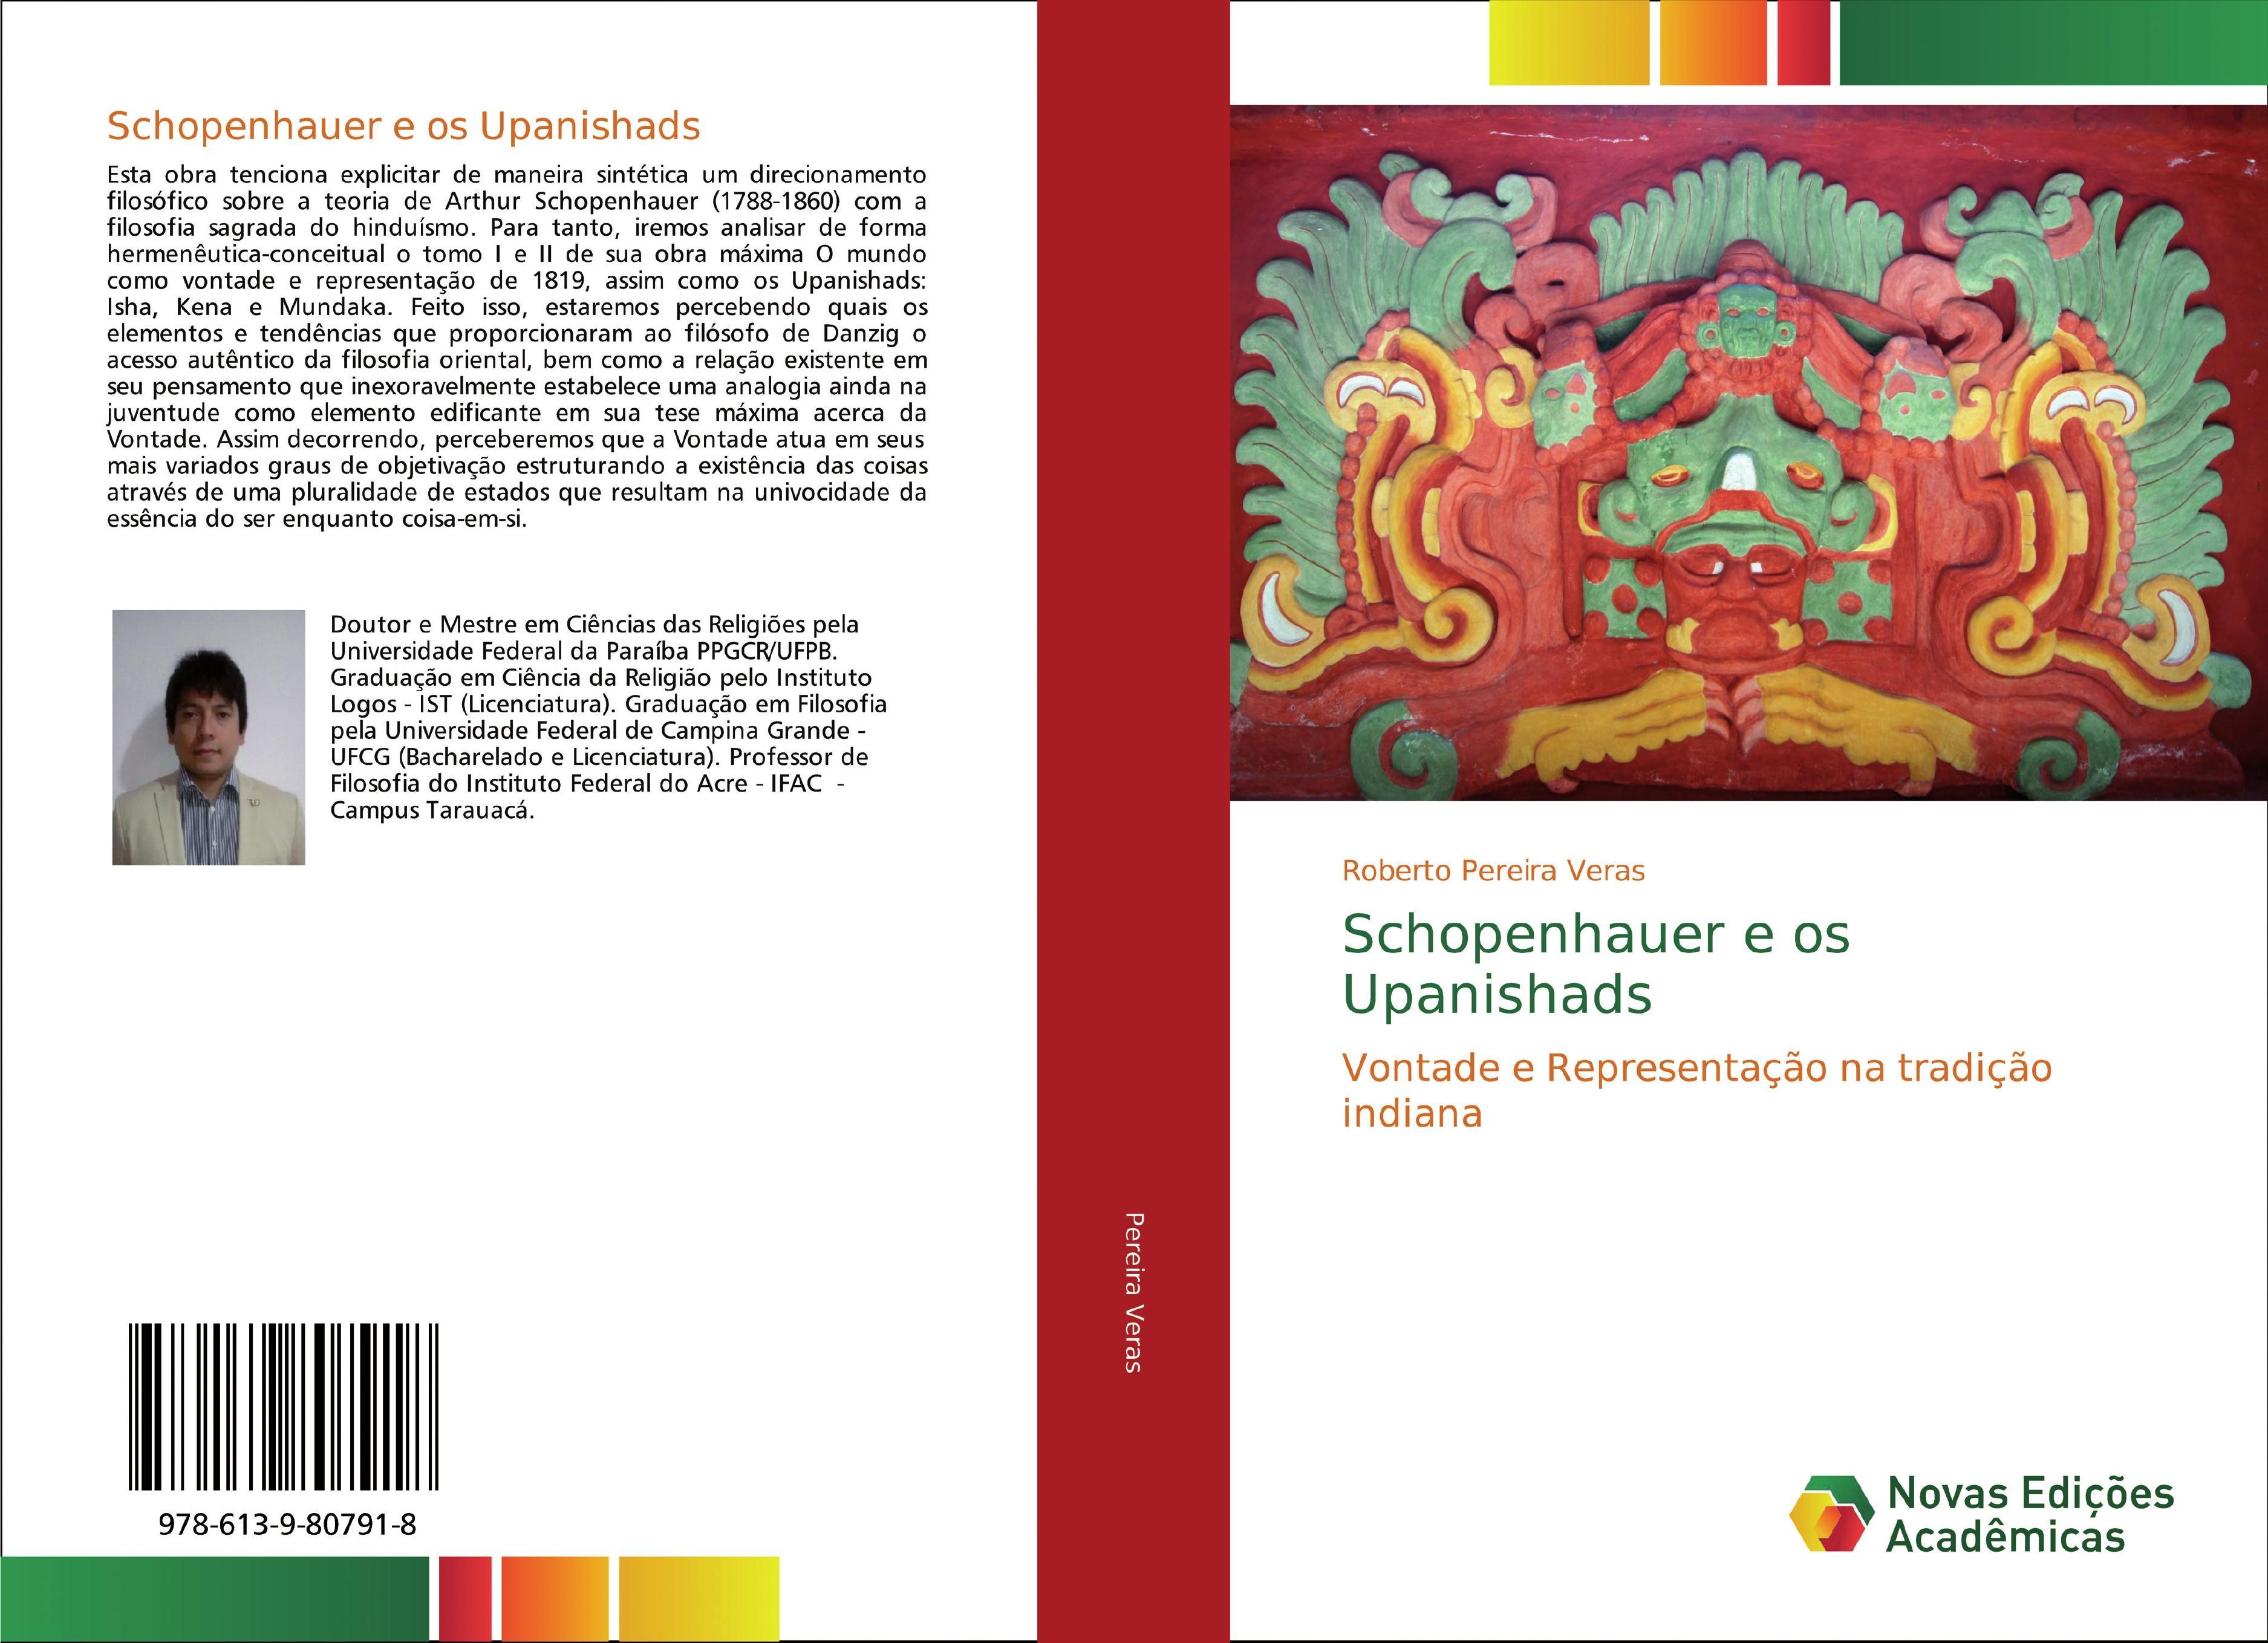 Schopenhauer e os Upanishads  Roberto Pereira Veras  Taschenbuch  Portugiesisch  2020 - Pereira Veras, Roberto